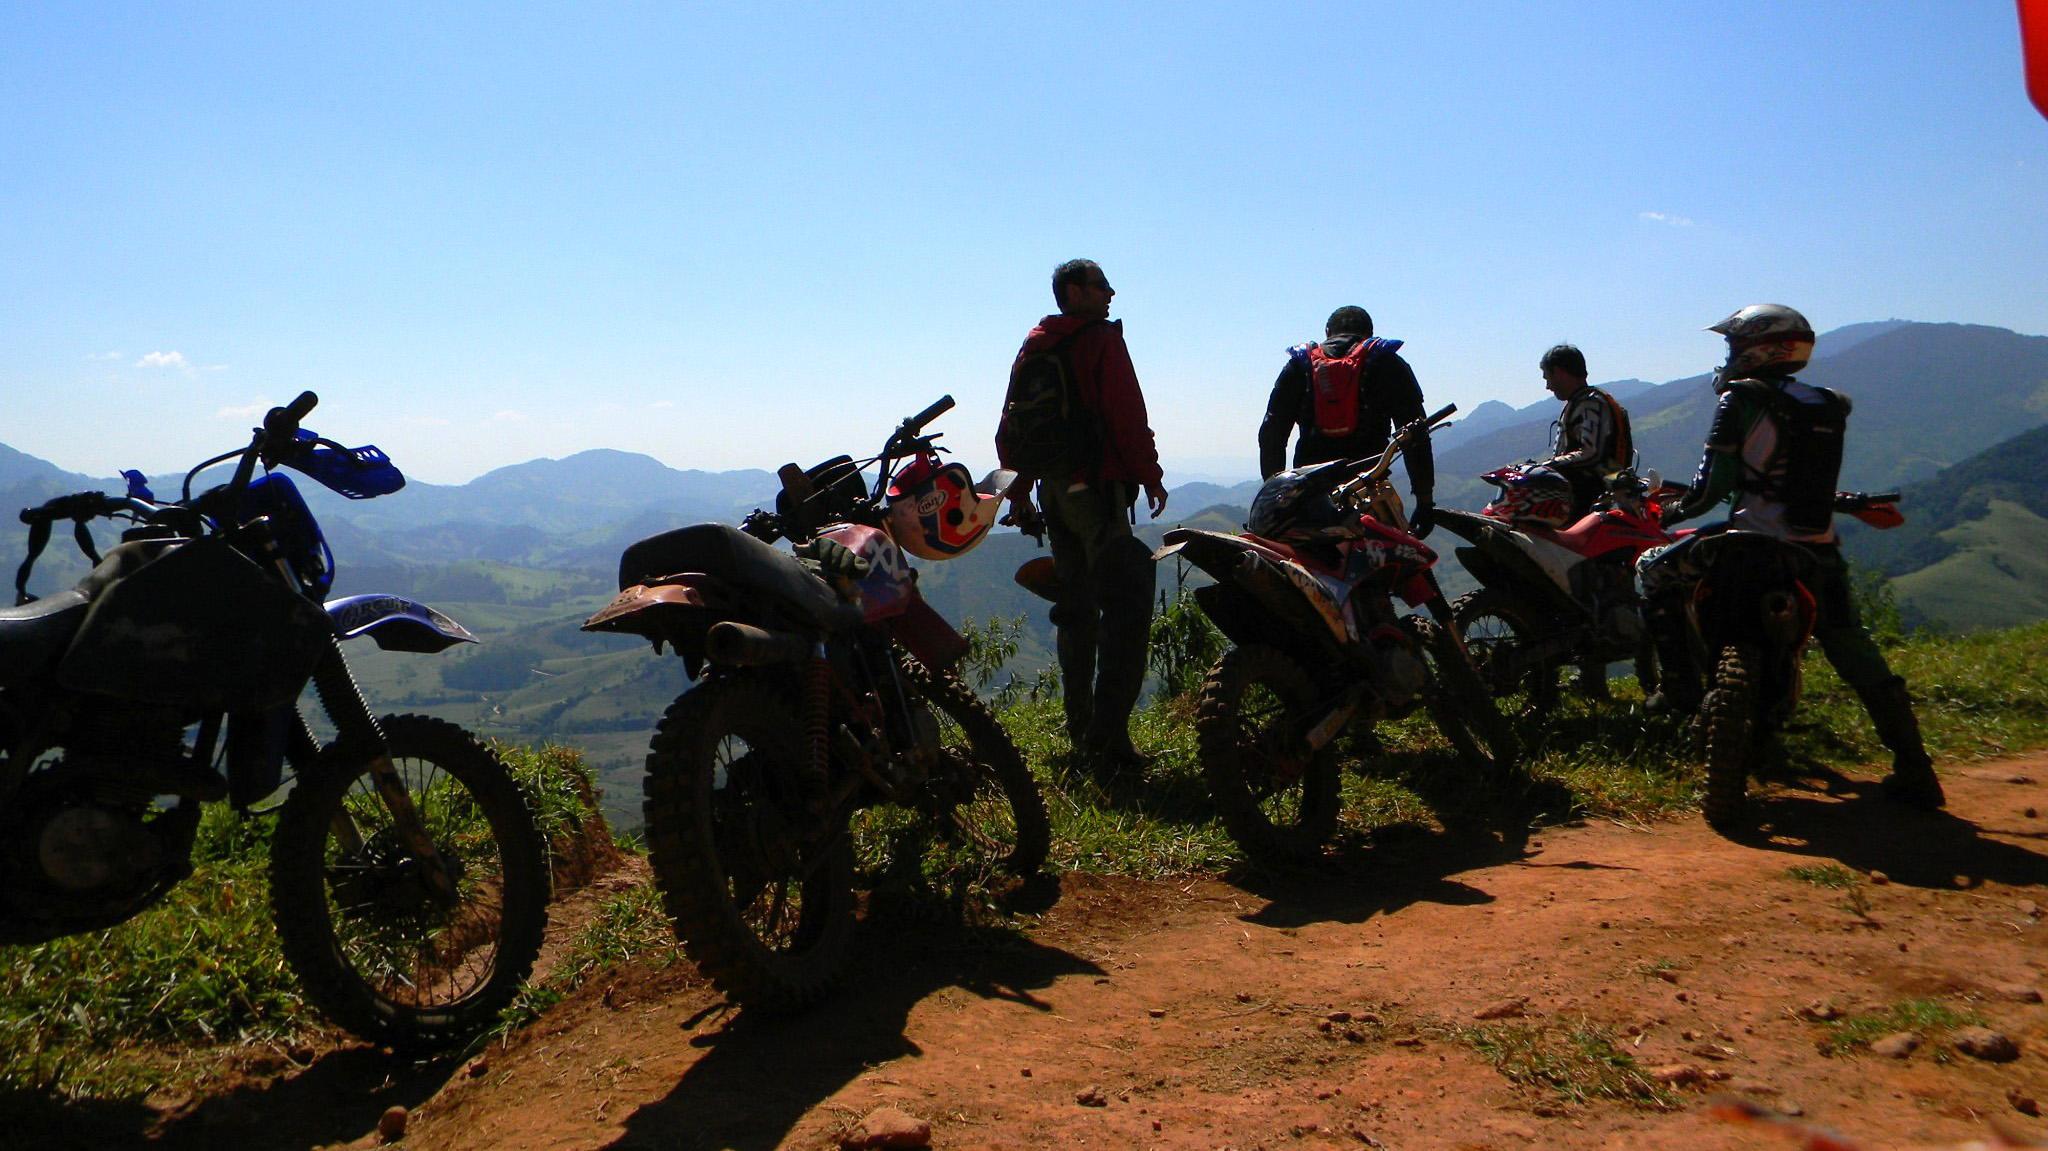 Trilhas de motos e quadriciclos em Campos do Jordão.